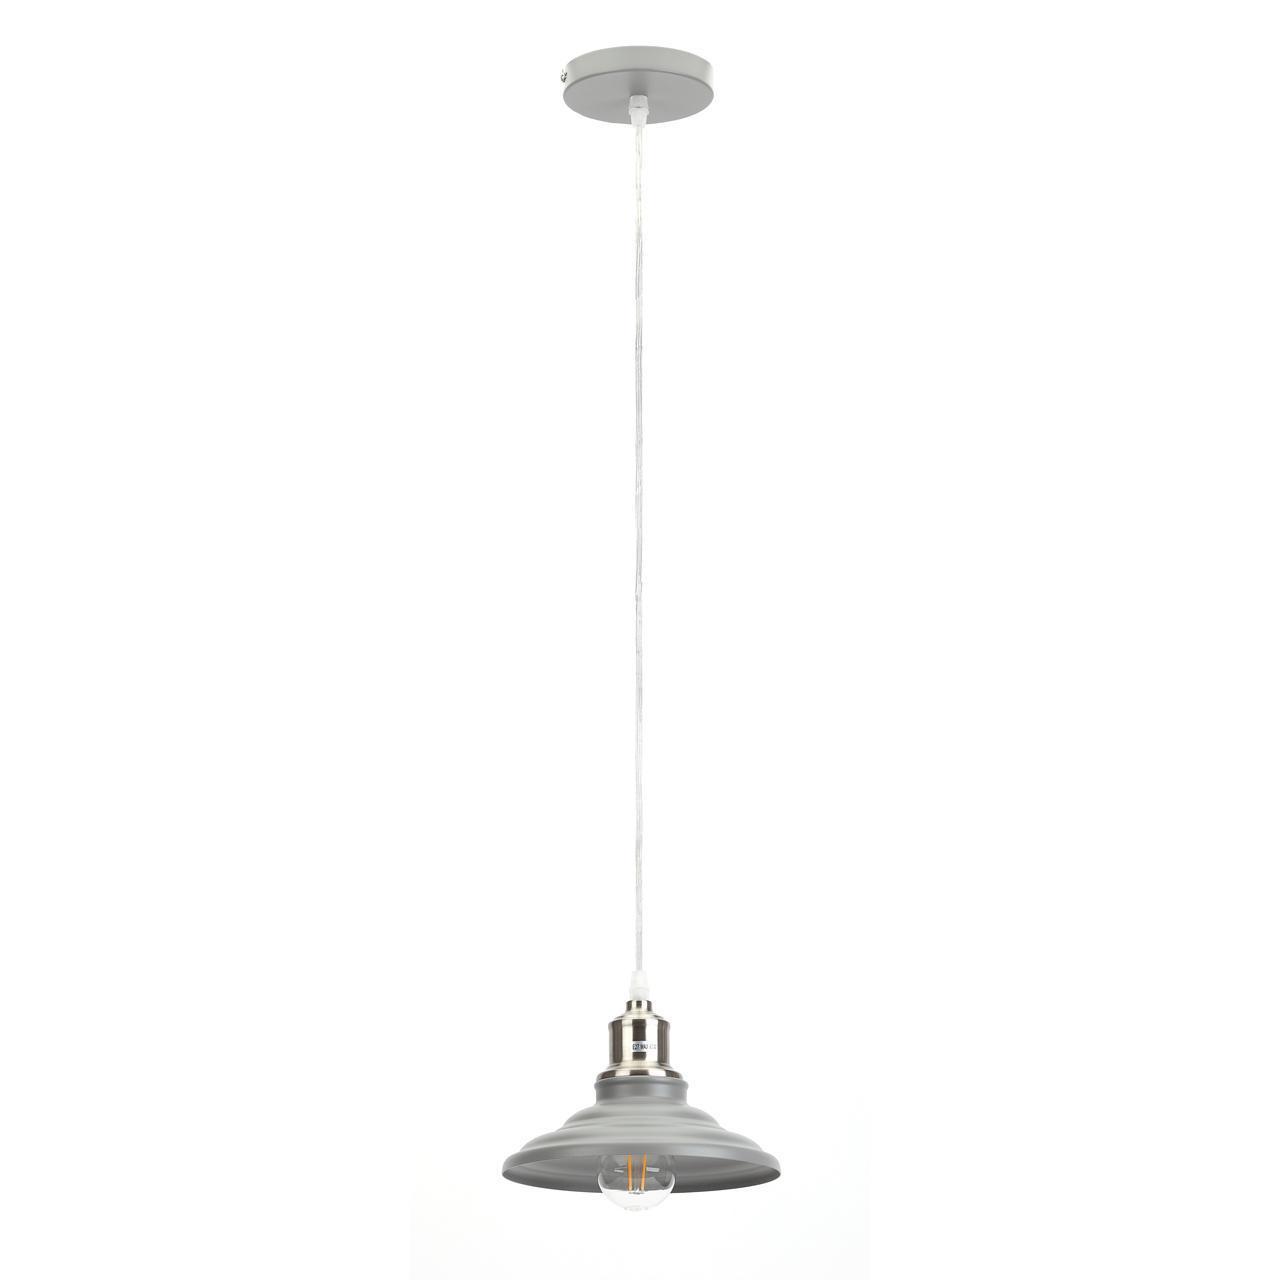 Подвесной светильник Эра PL4 GR/SN, E27, 60 Вт цены